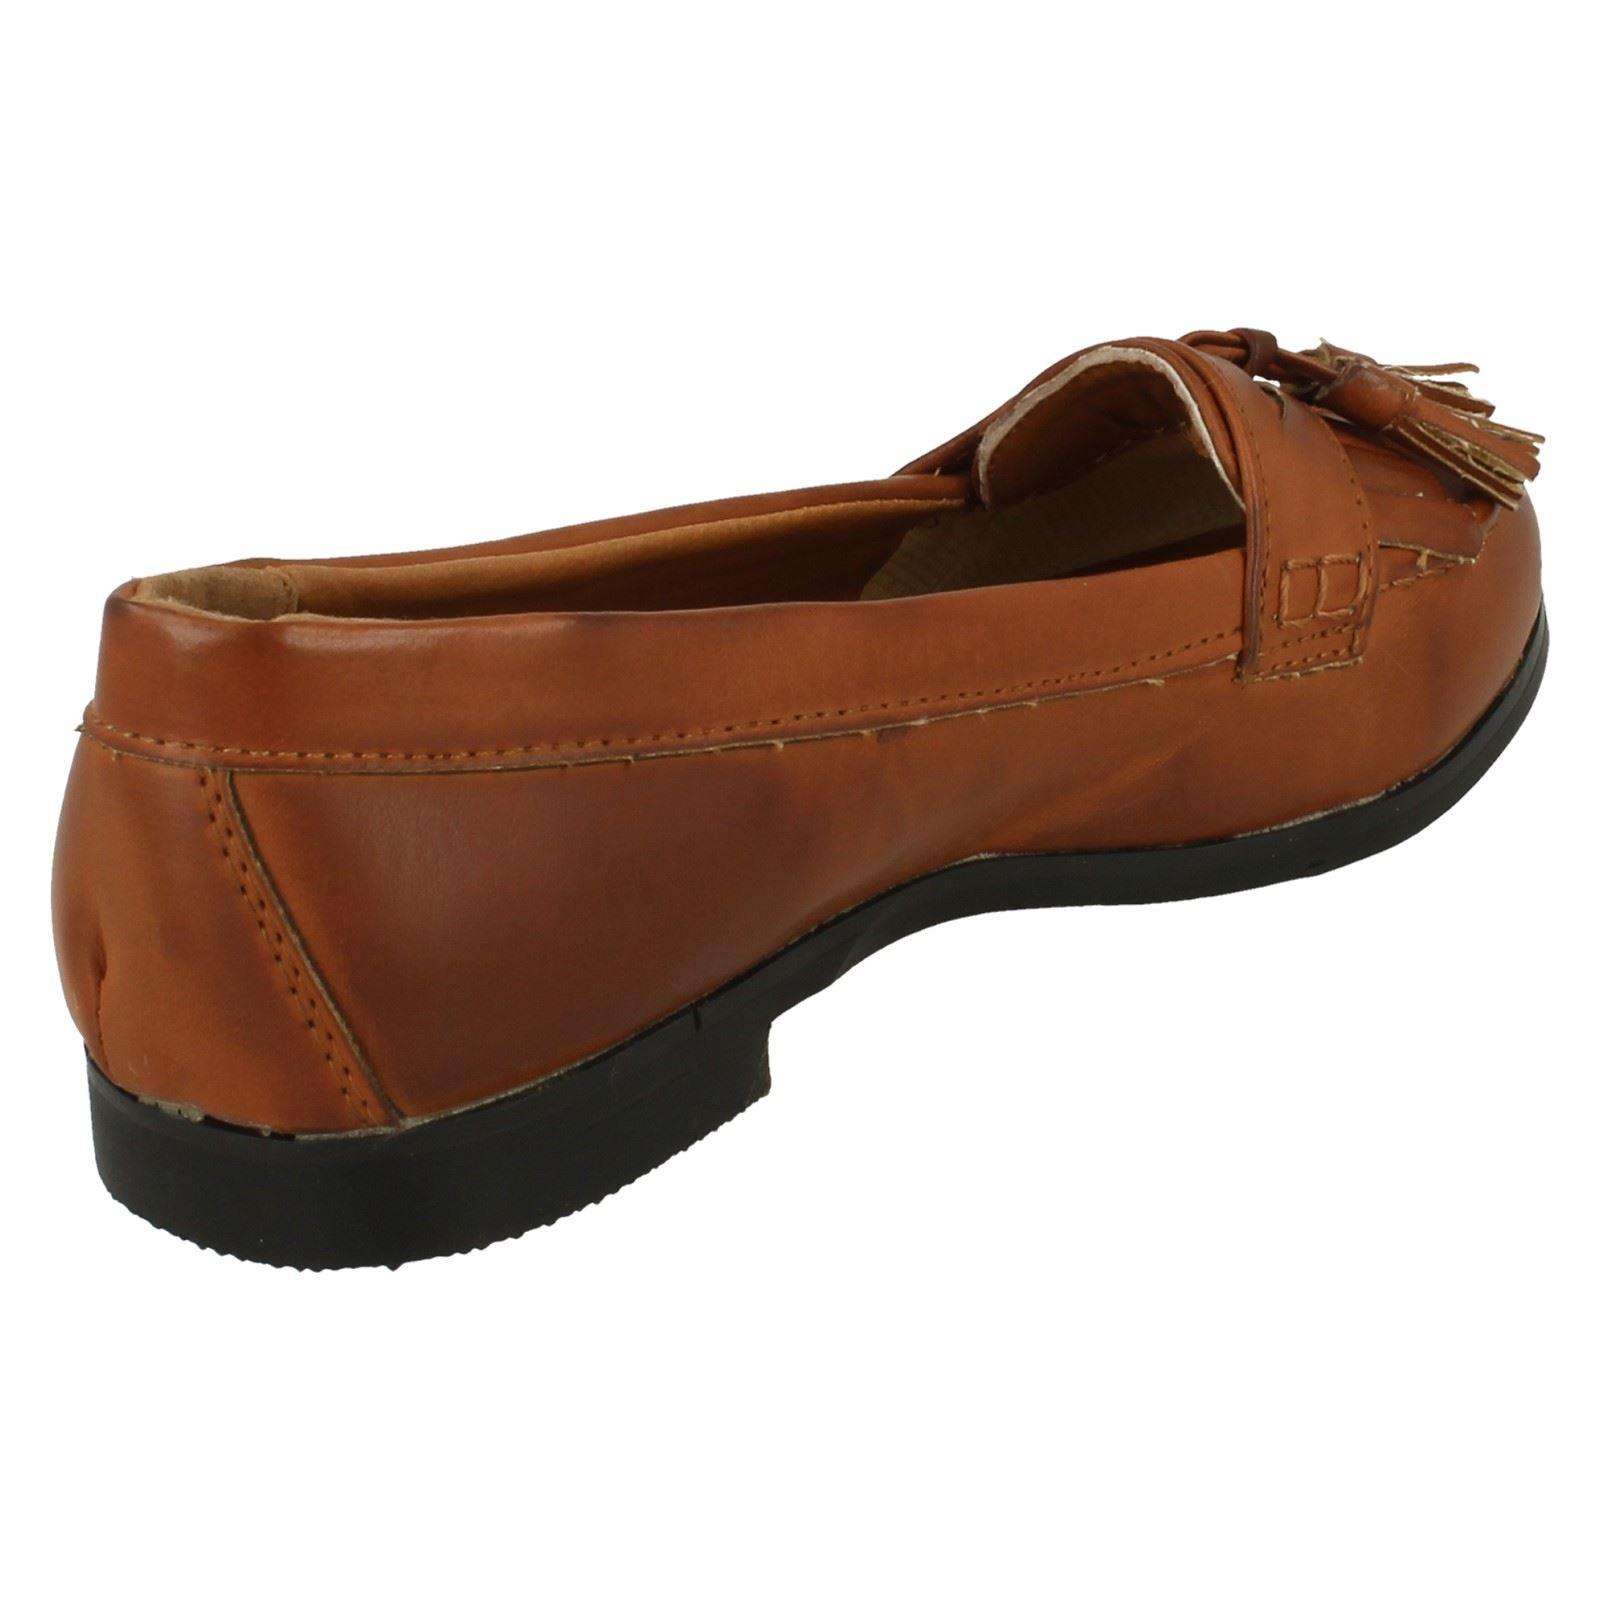 Chicas Cutie Zapato Plano Con Borla